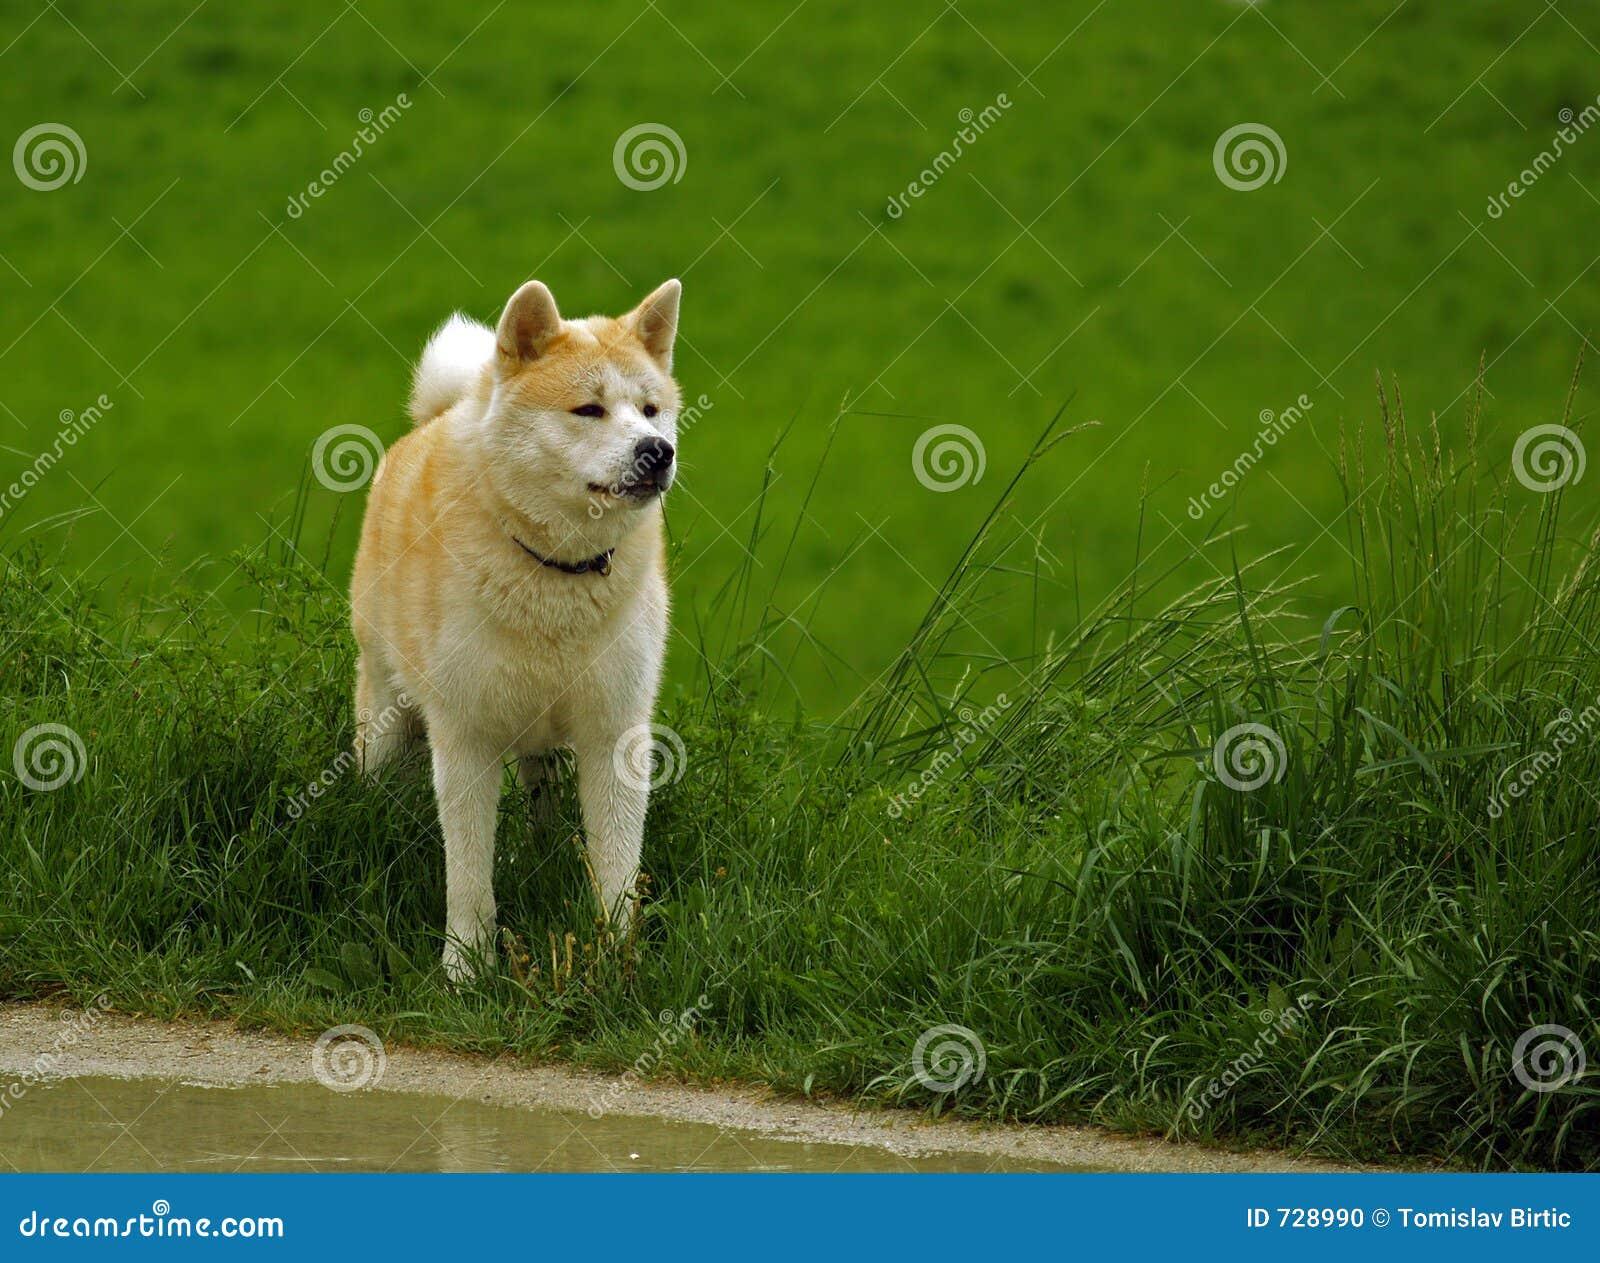 Dog / Akita Inu